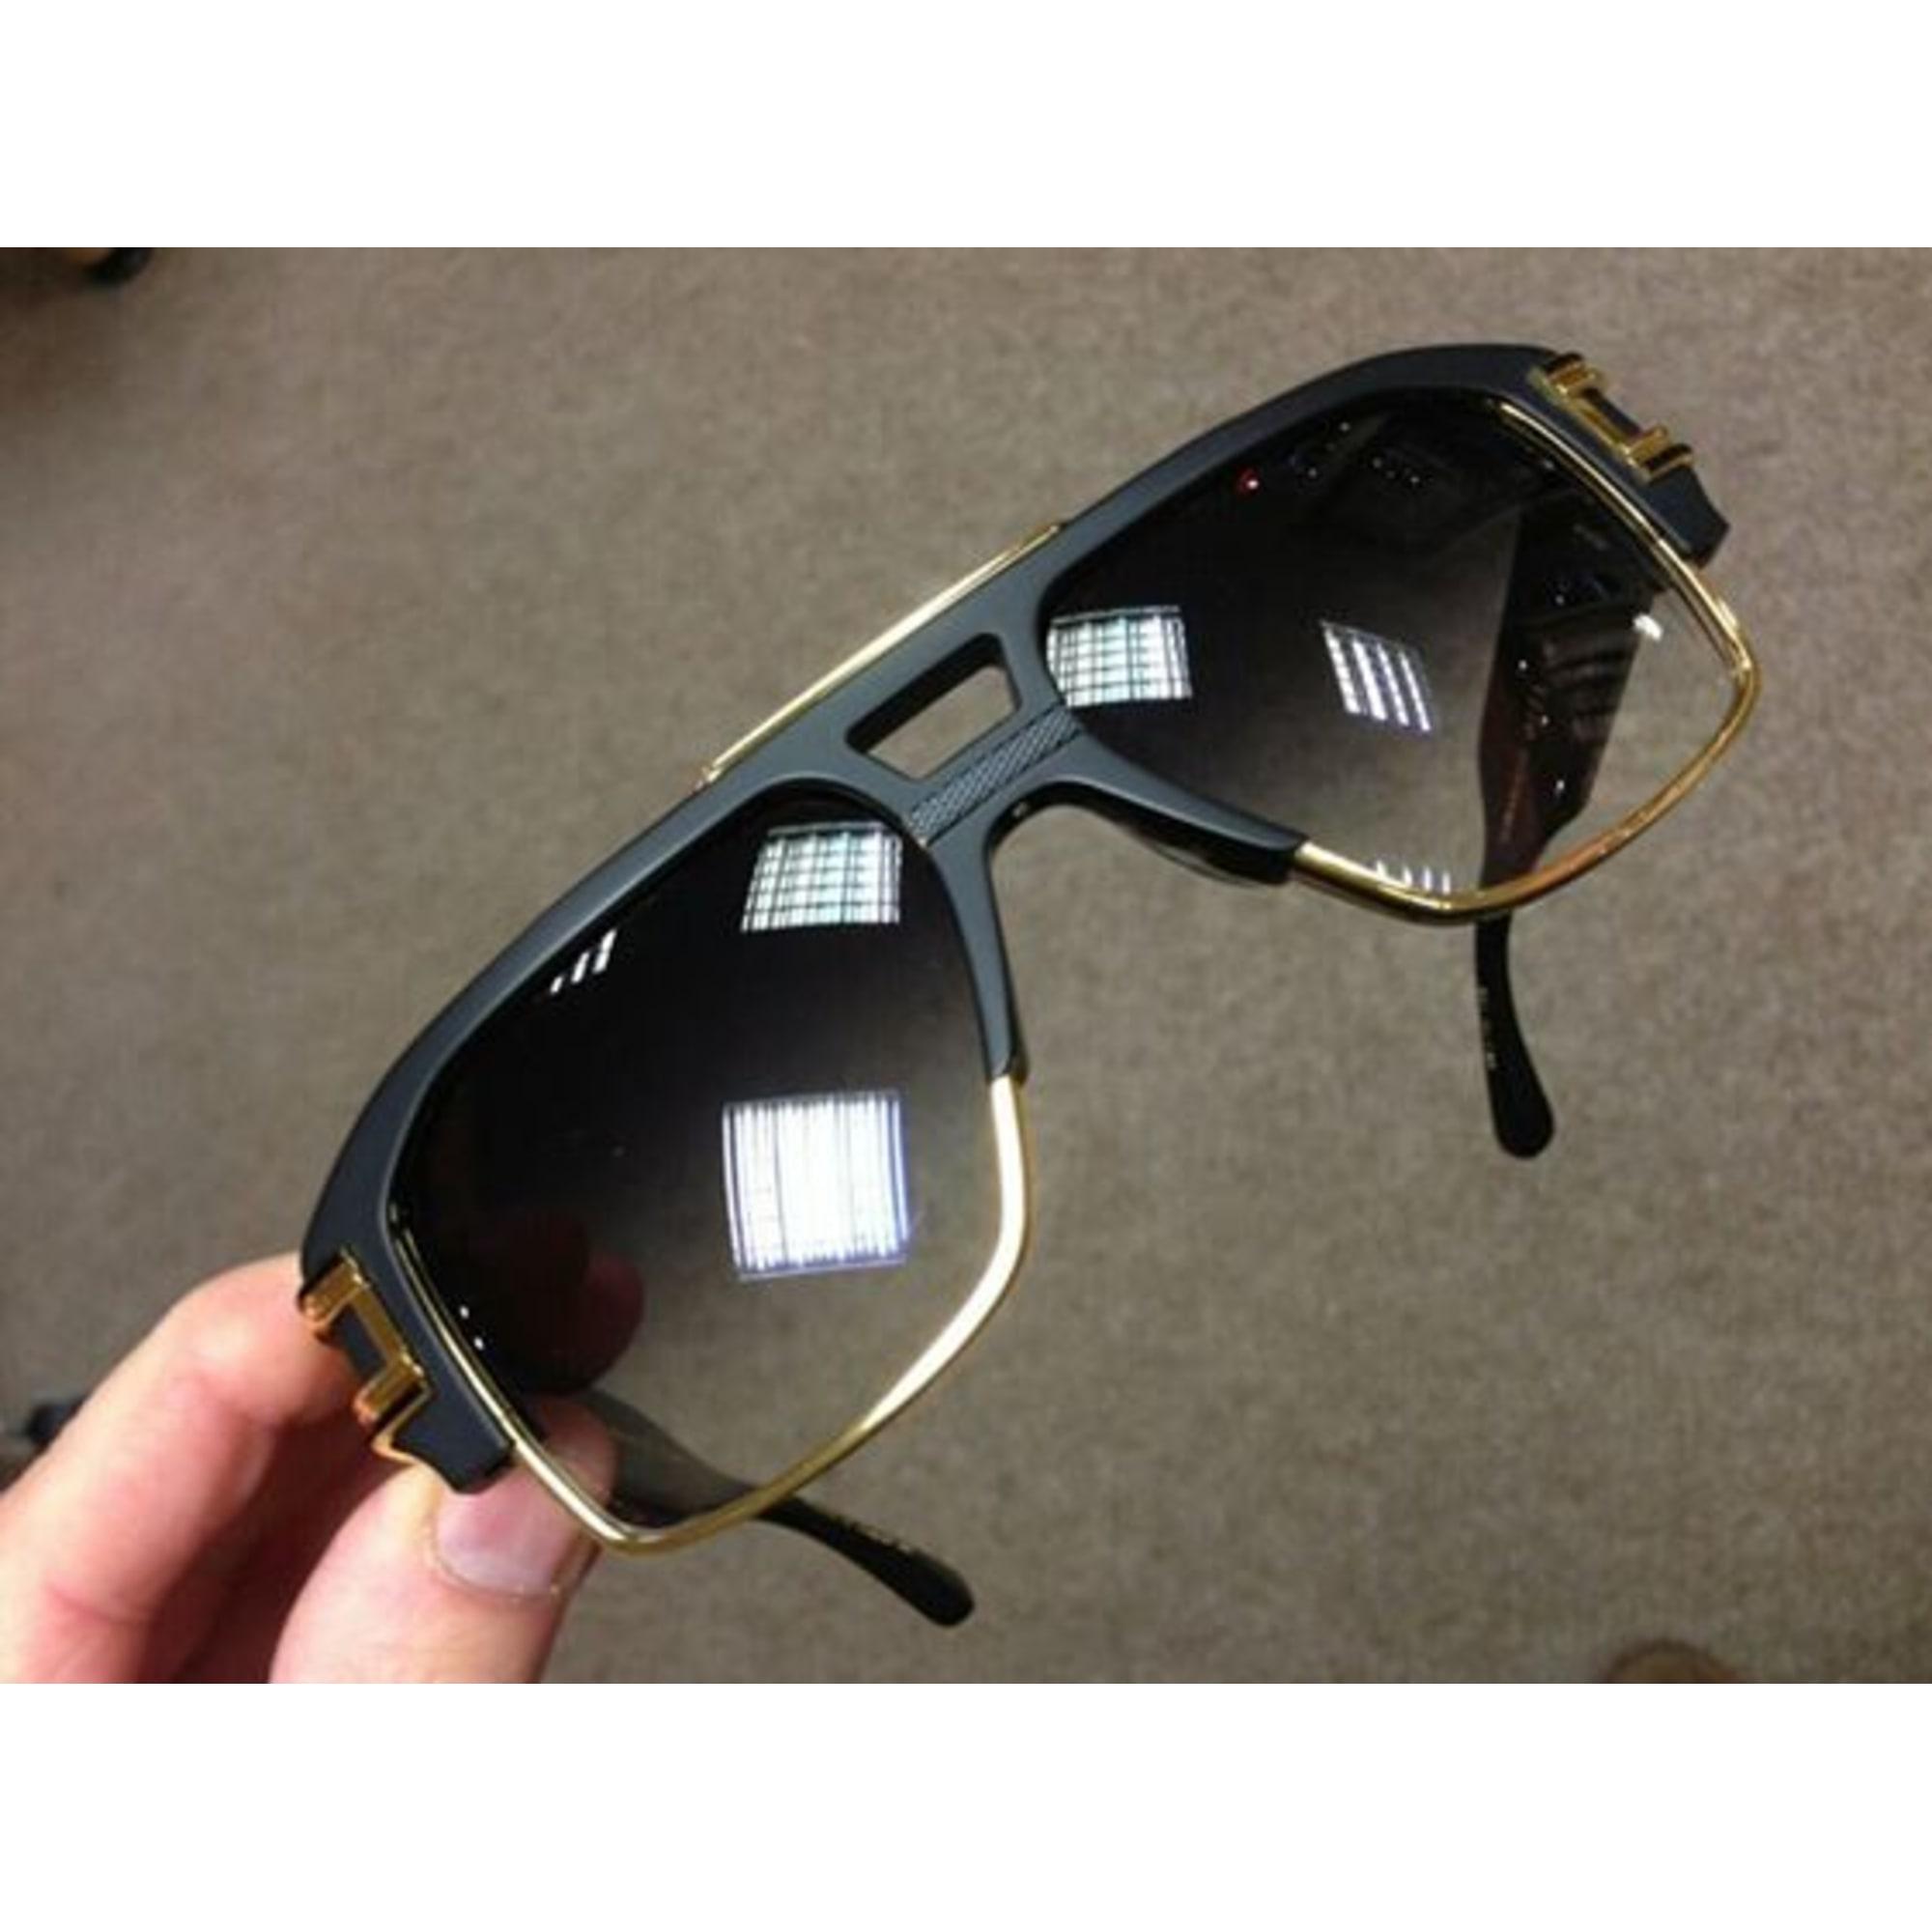 Lunettes de soleil DITA matte black gold vendu par Jonathan 21434142 ... 78fda1752571